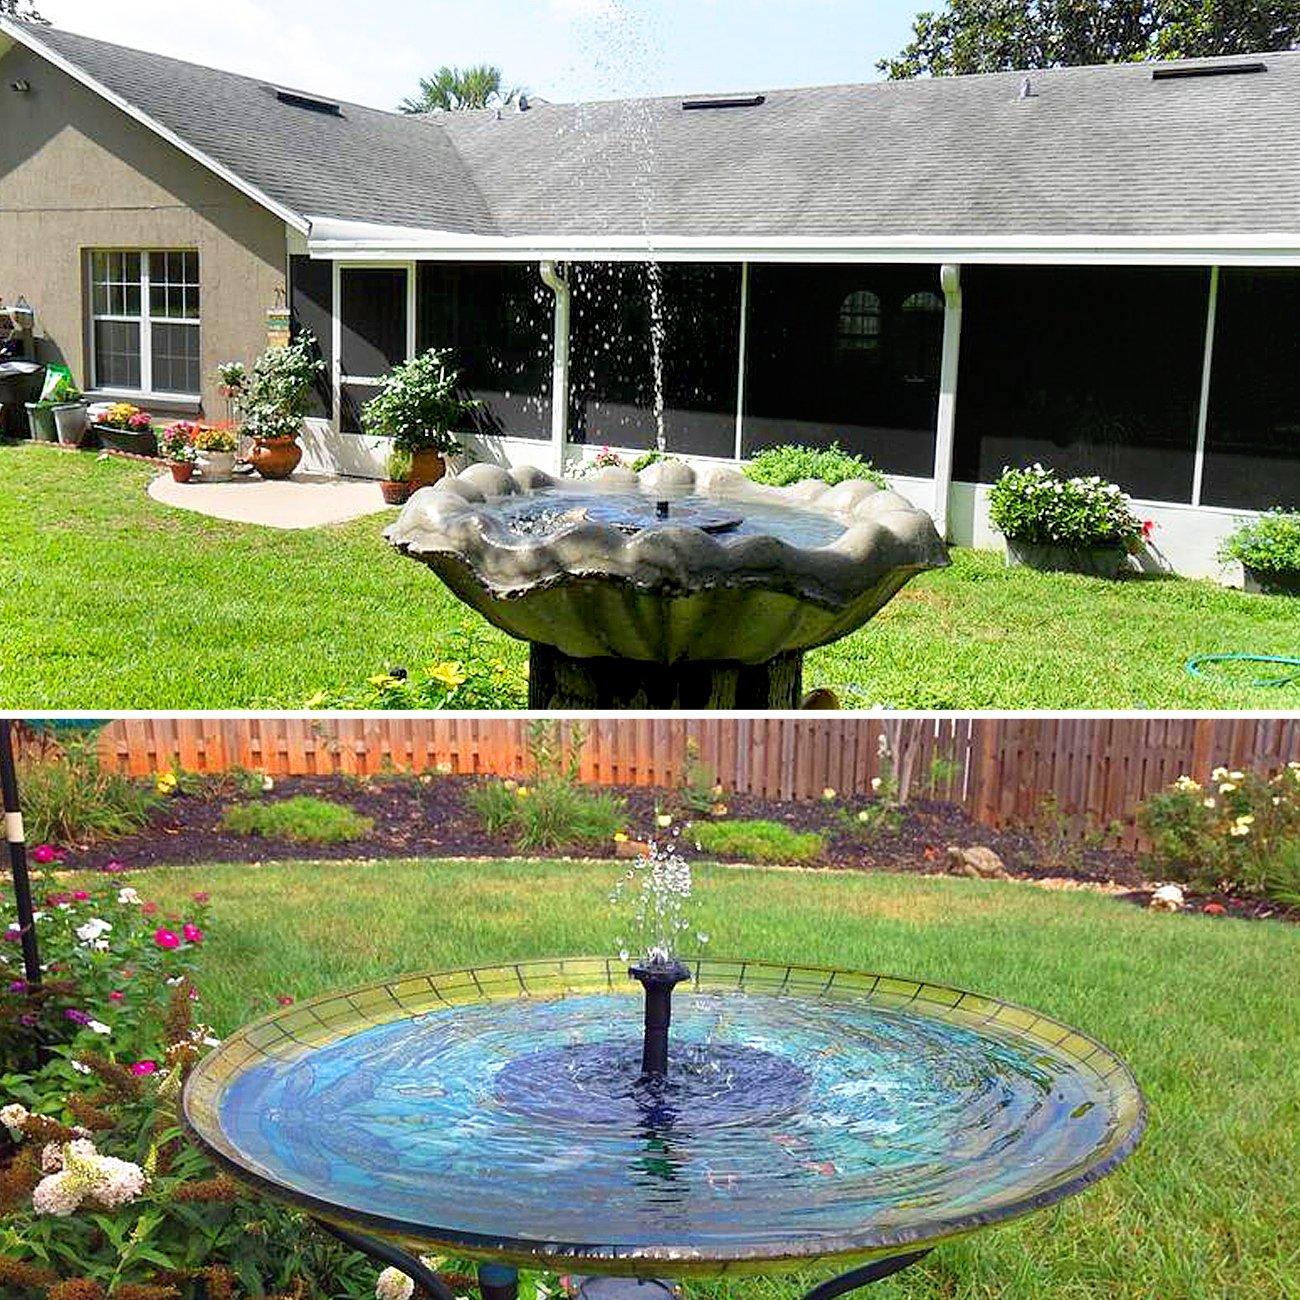 ... Solar de Silicio Monocristalino de 1.4W, Alta Eficiencia, 6 Boquillas para 8 Patrones de Agua-Ideal para Jardín Estanque Piscina: Amazon.es: Jardín